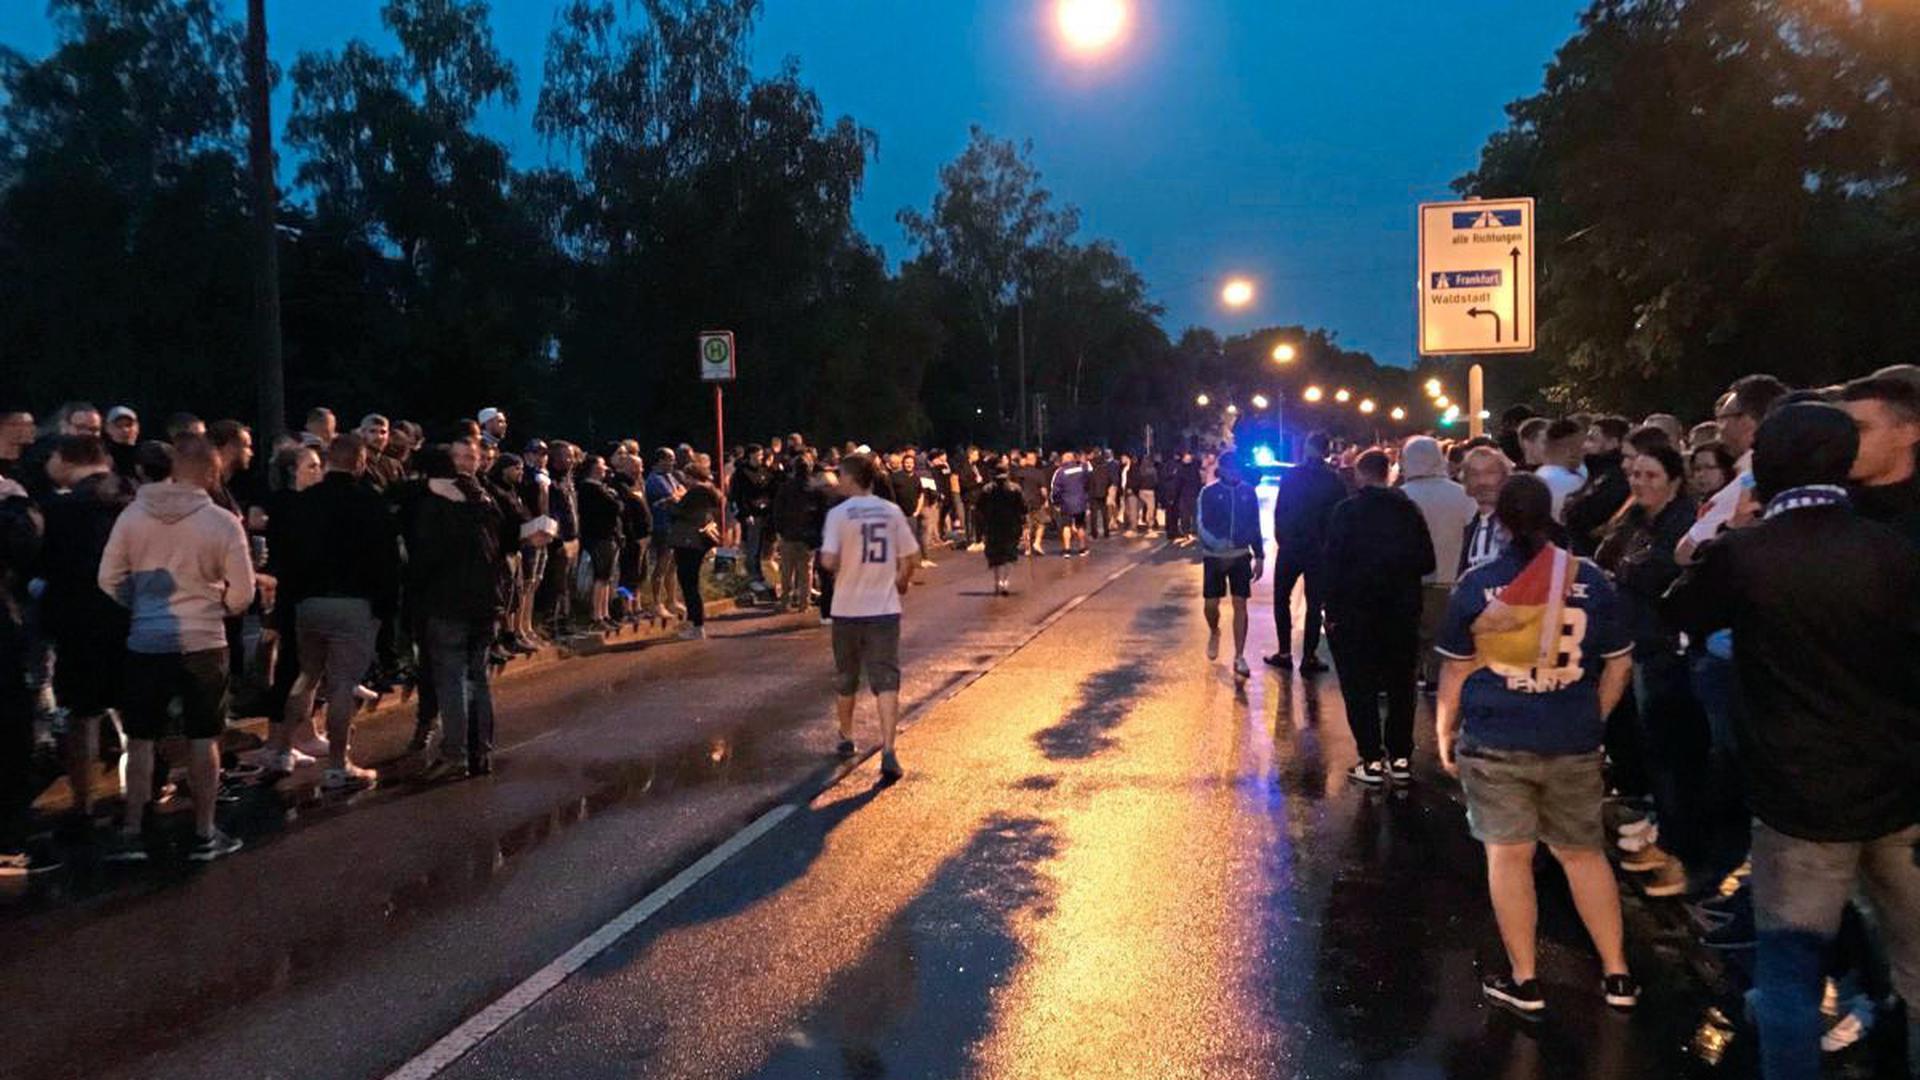 KSC-Fans warten auf der Straße vor dem Wildparkstadion auf die Ankunft der Mannschaft.